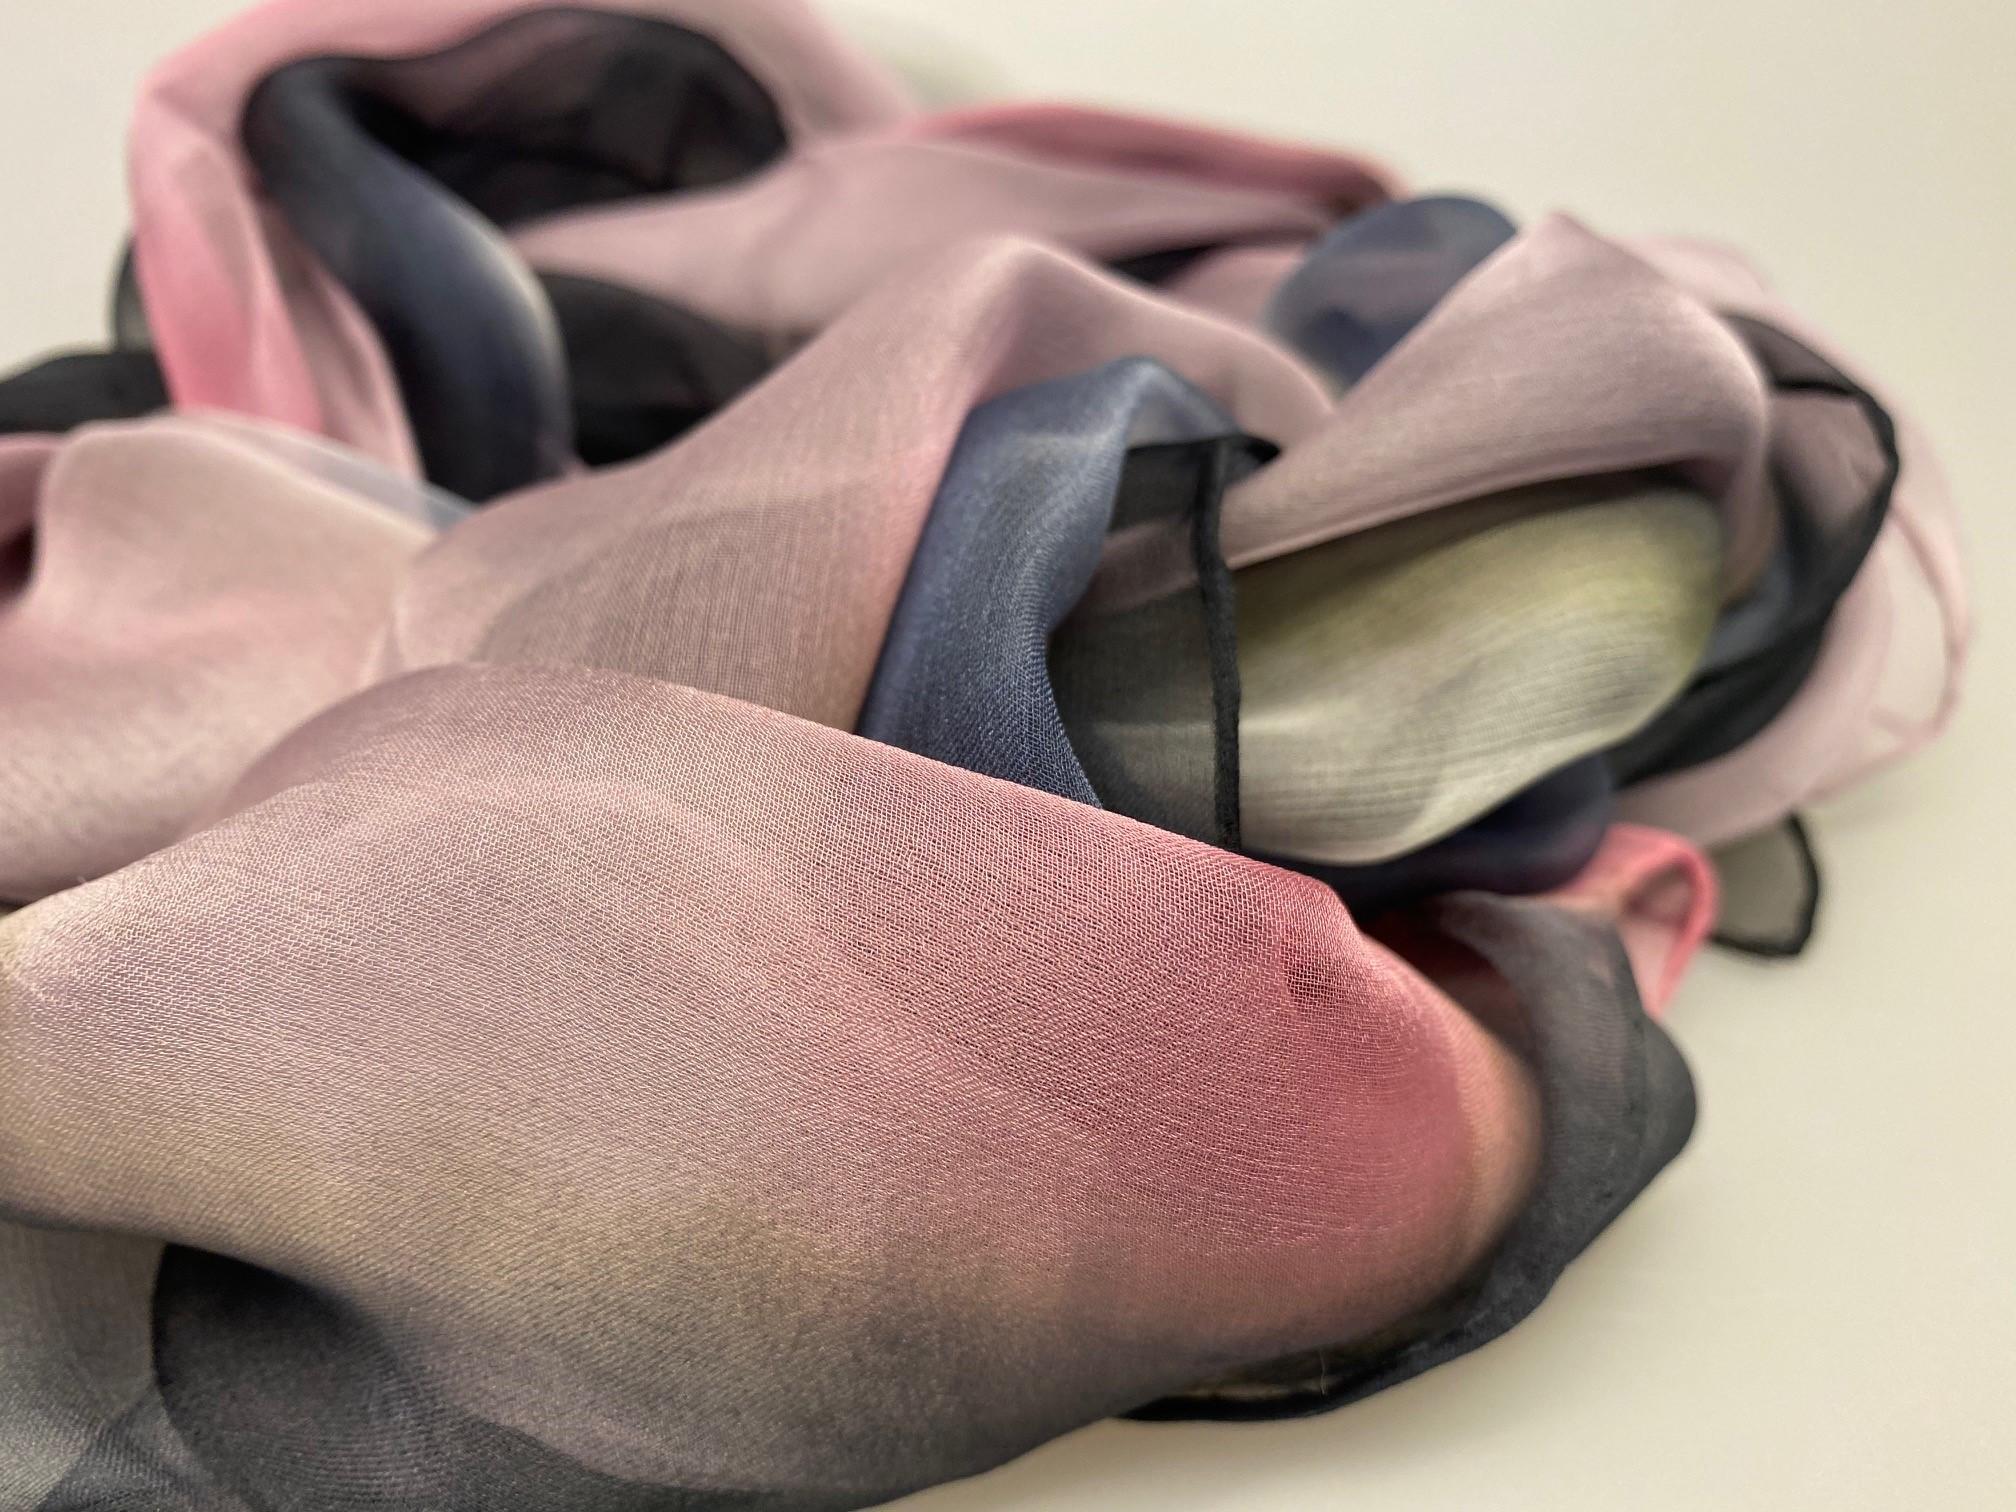 Silkechiffon Tørklæde 1158 - Sort/Rosa/Blå/Khaki ,silke, hvid, lyngfarvet, lilla, lynglilla, rosa, silke, ren silke, silketørklæde, silkechiffon, let, stort, volumen, sjal, stola, fest, festtøj, elegant, kvalitet, flot, kor, gave, gaveide, rund fødselsdag, biti, ribe